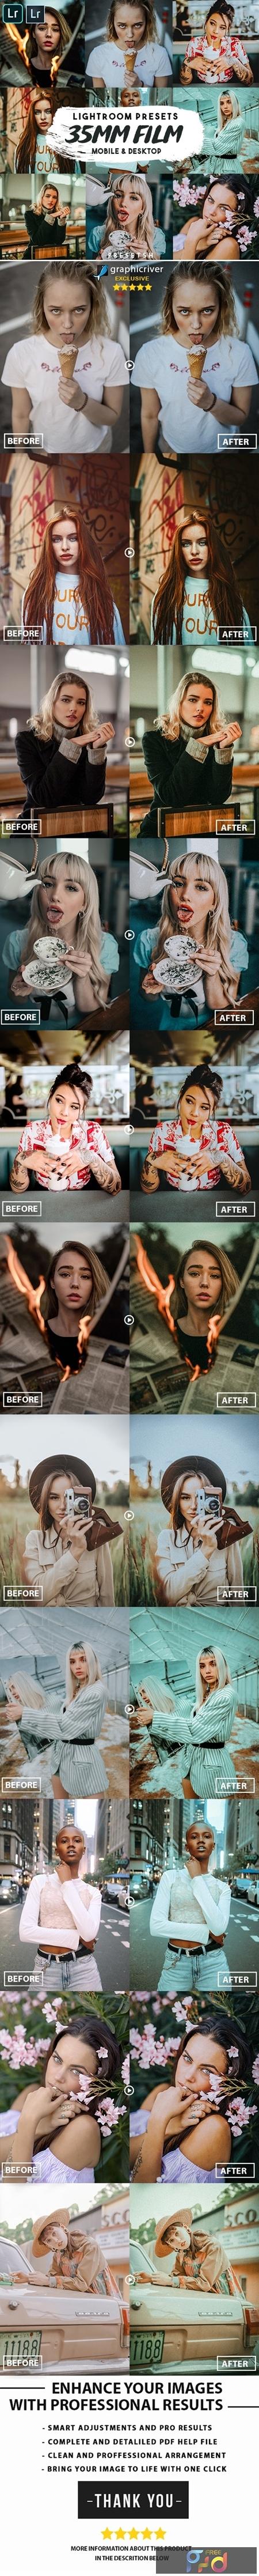 35mm Film Lightroom Presets 25555868 1